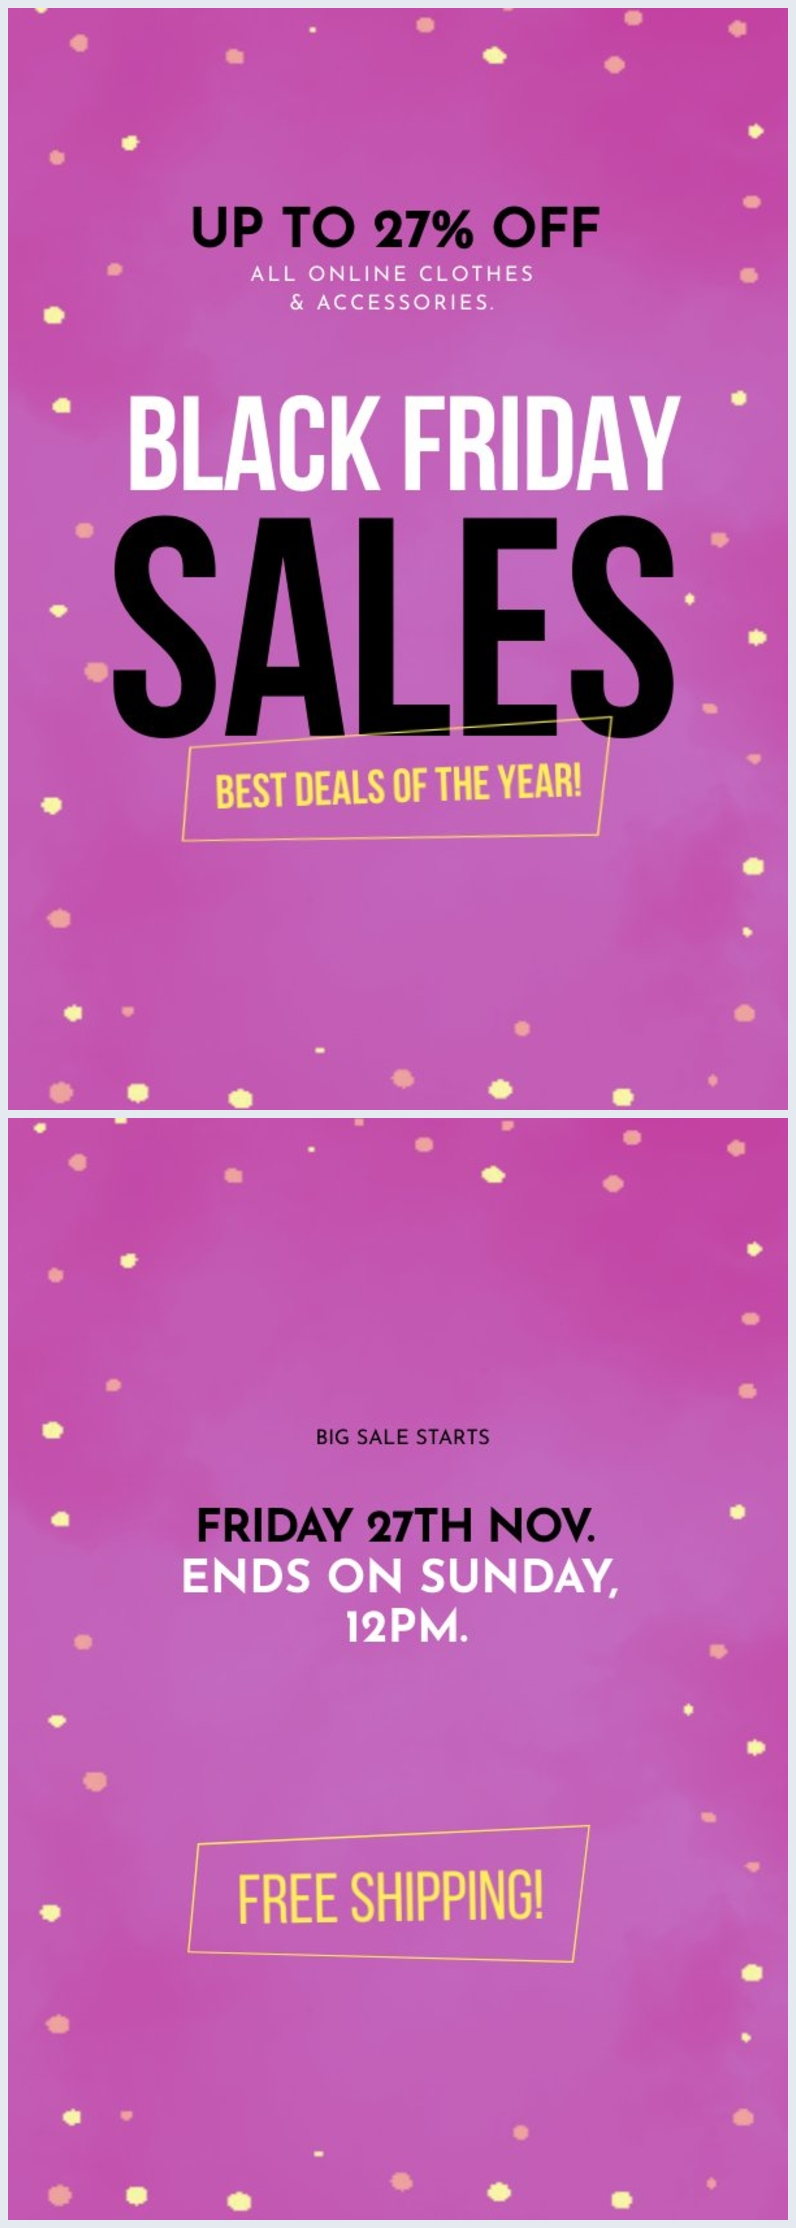 Exemple de mise en page et design de flyer promotionnel Black Friday